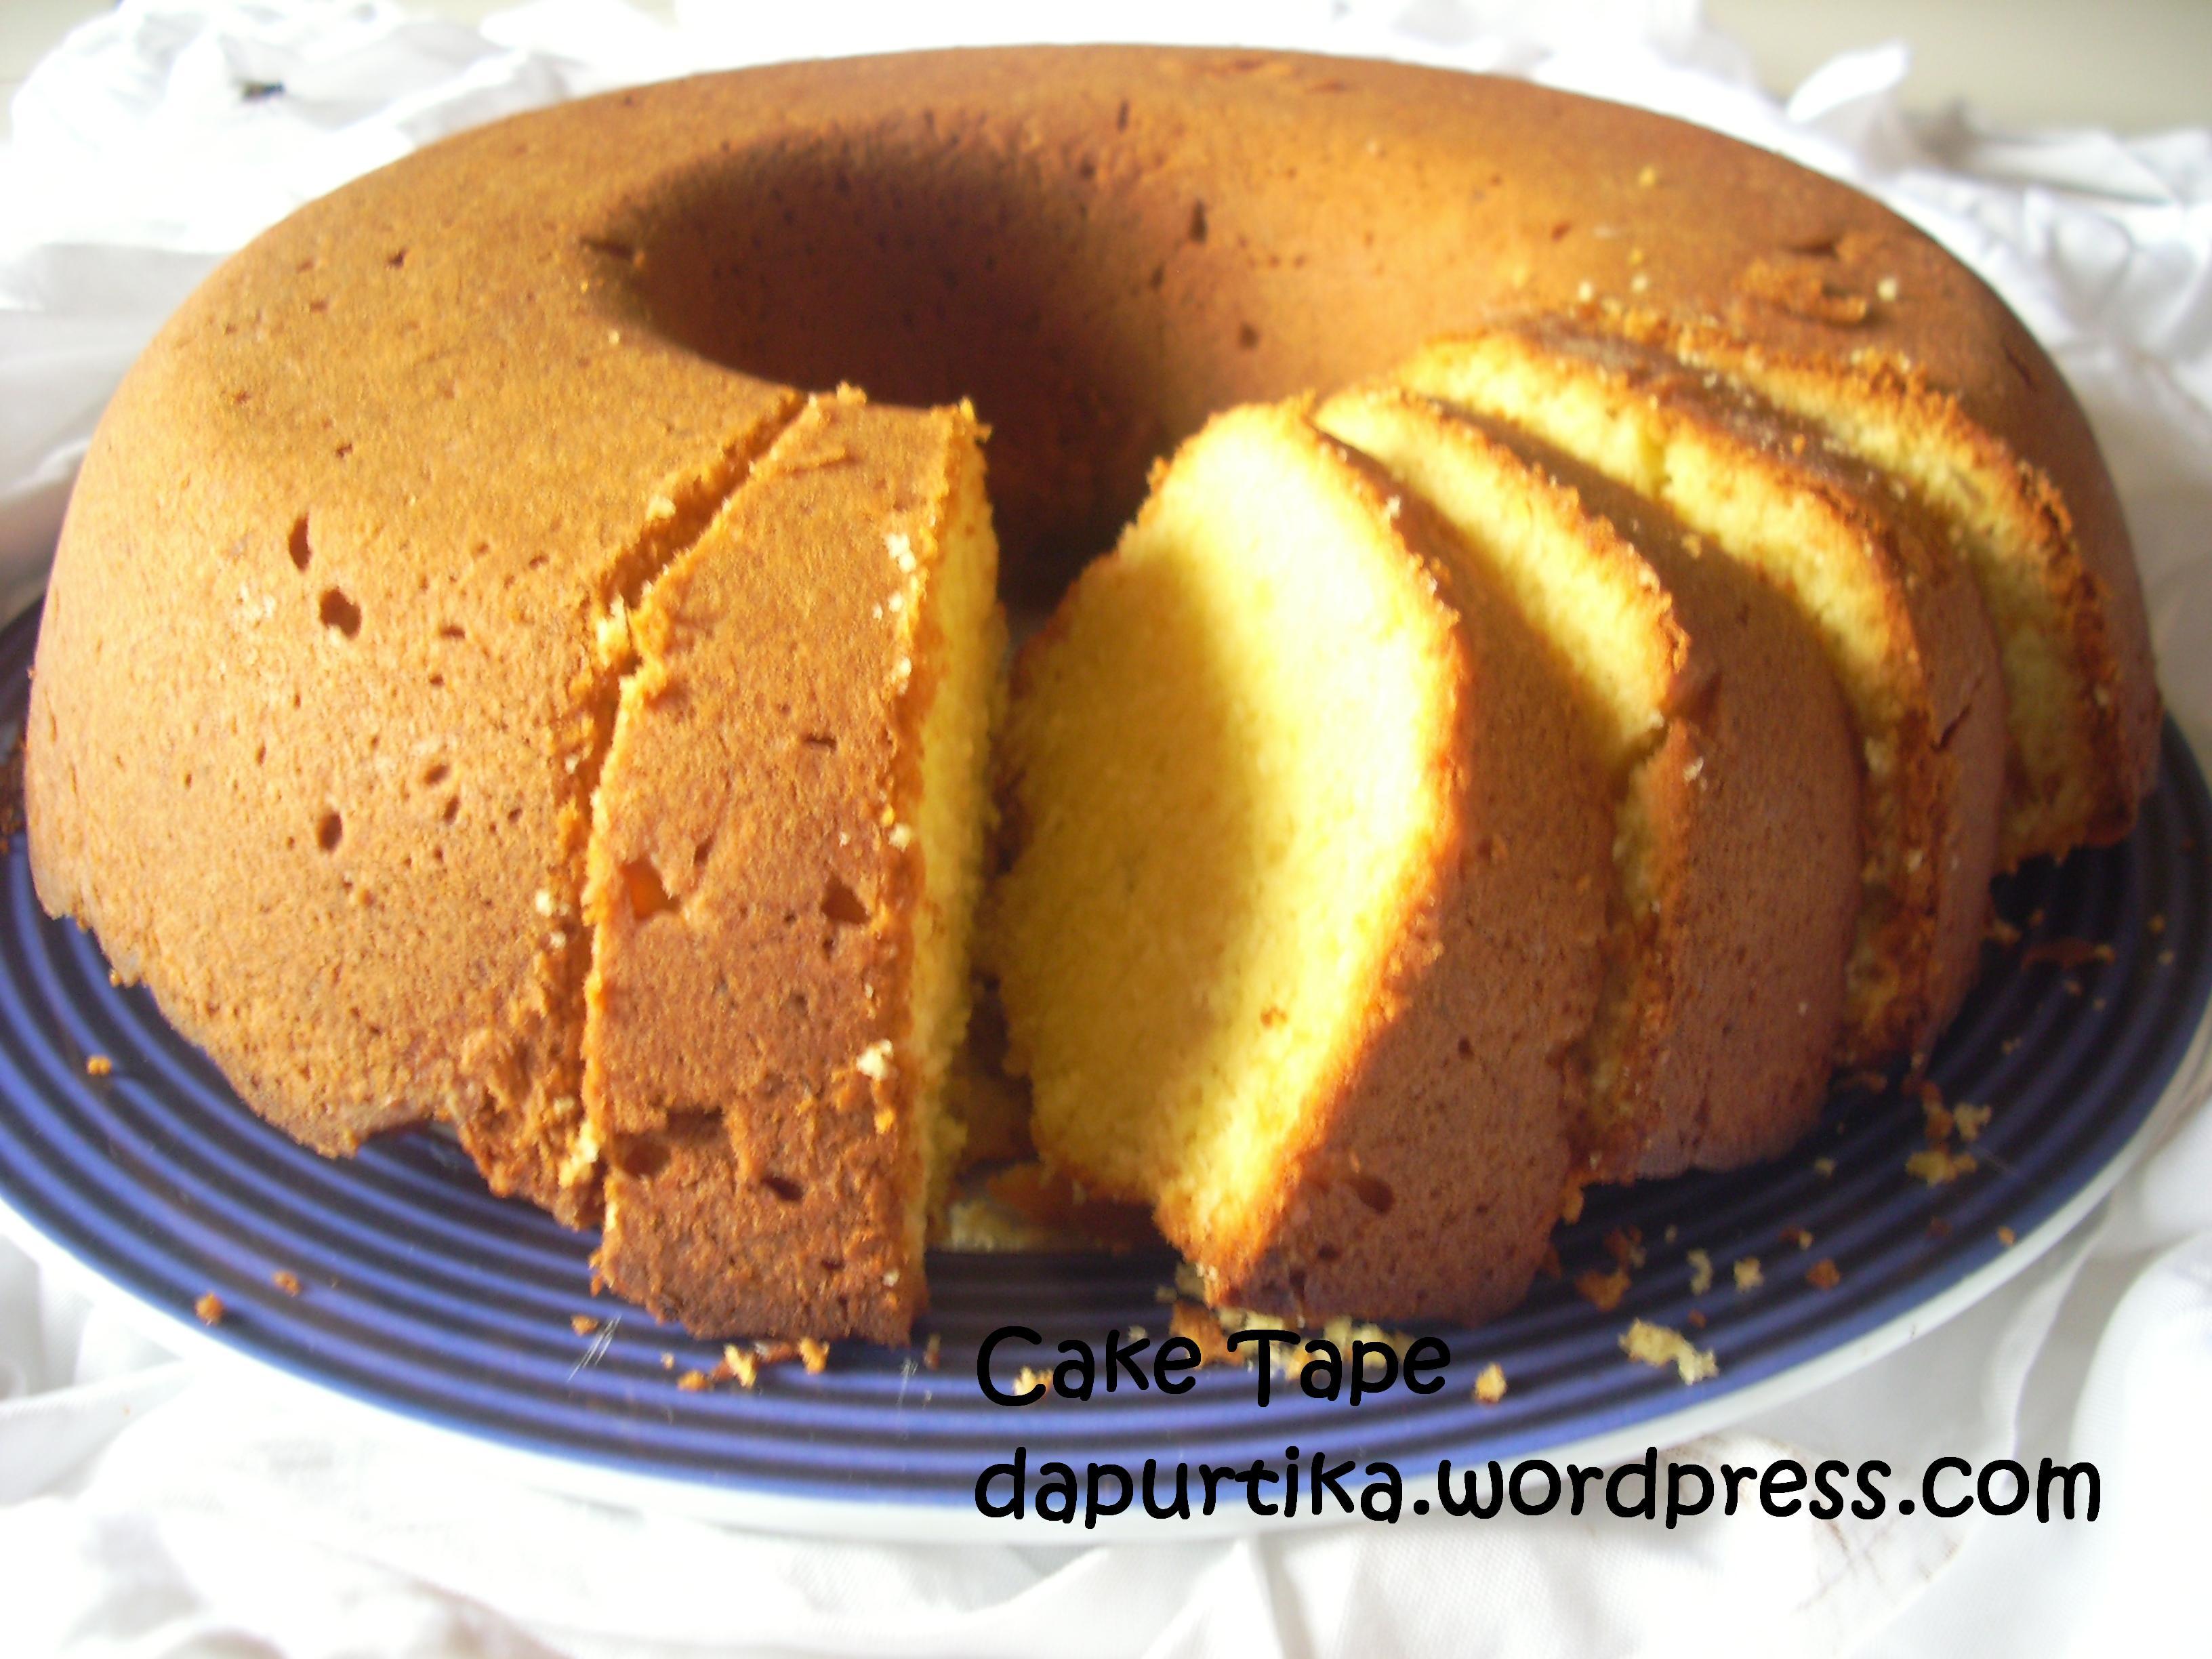 Resep Cake Tape Jtt: Dapurtika